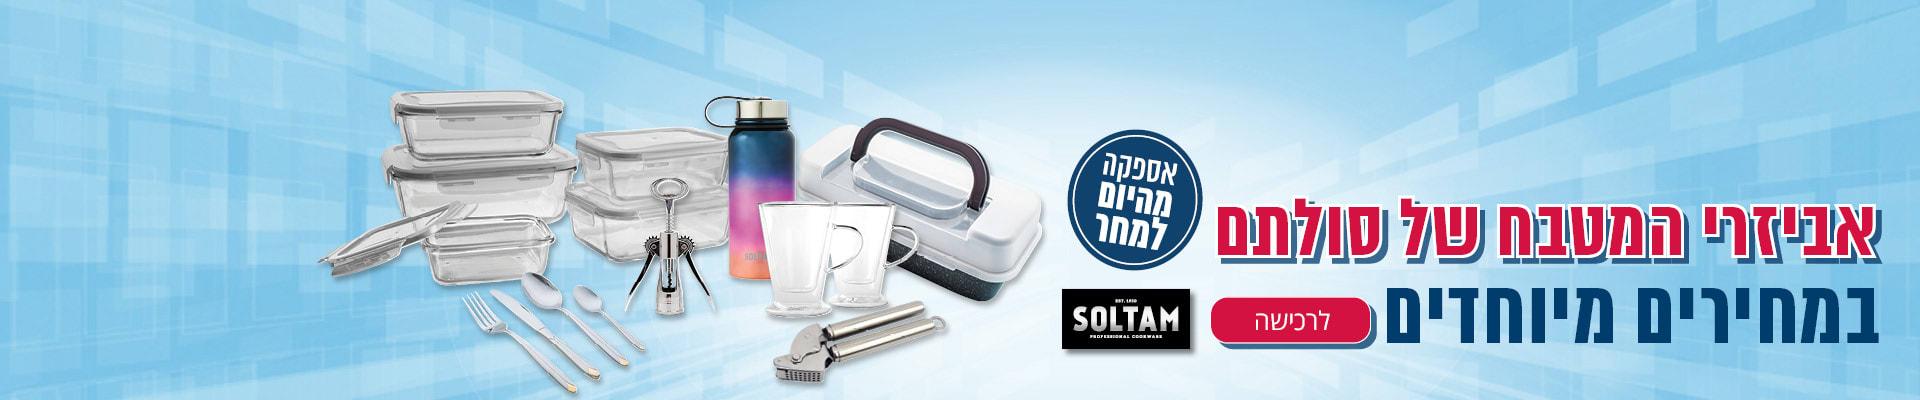 אביזרי המטבח של סולתם במחירים מיוחדים אספקה מהיום למחר SOLTAM לרכישה